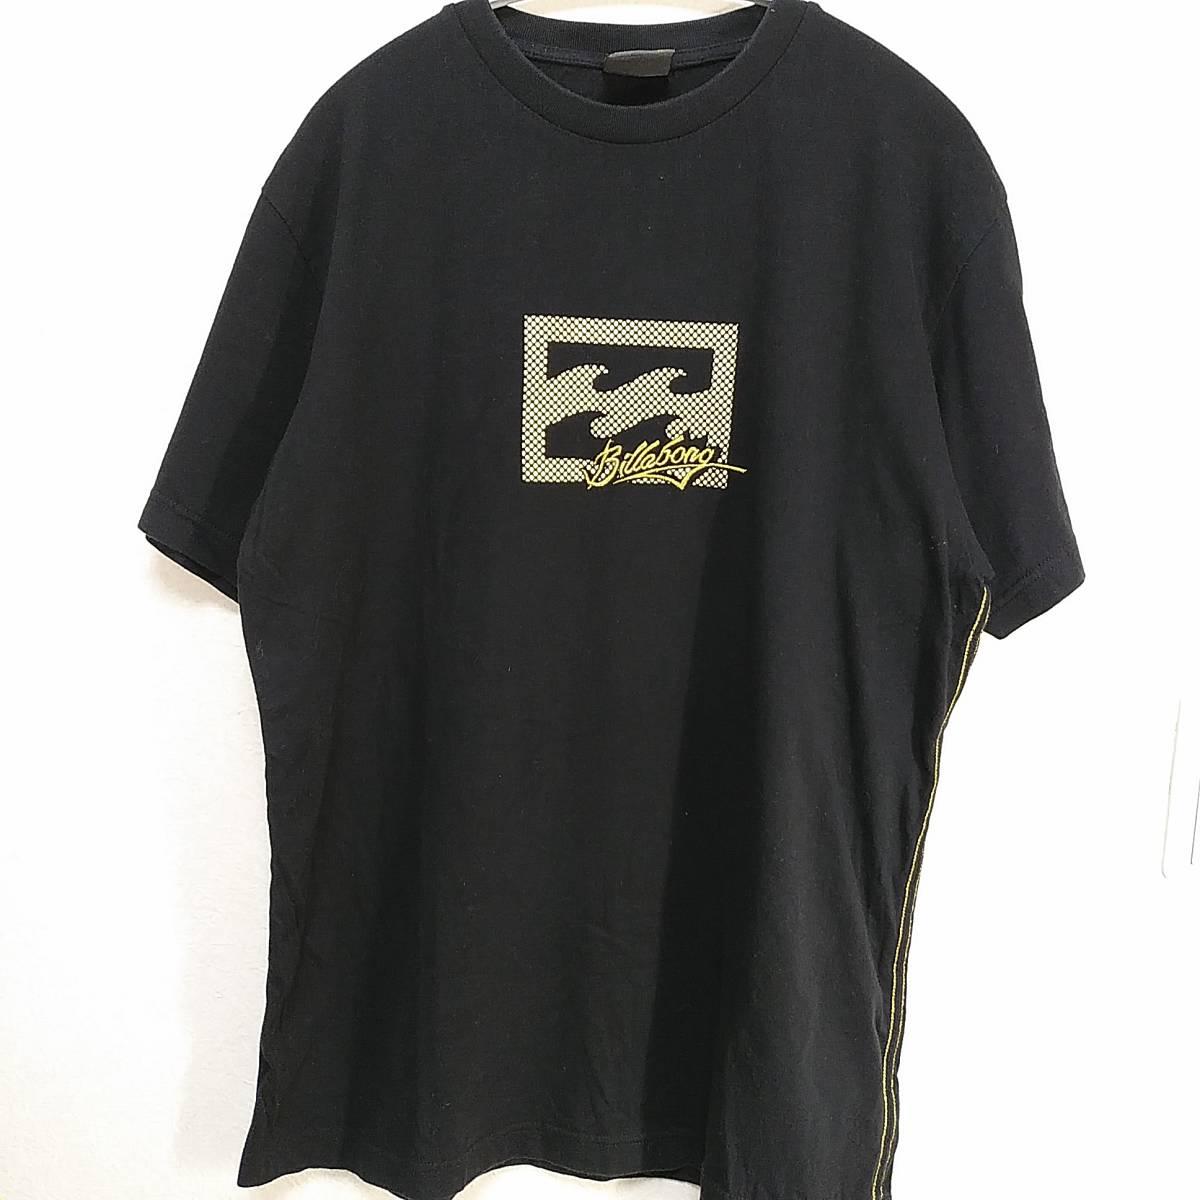 【platinum tailored by billabong】ビラボン Tシャツ メンズL ゴールド×ブラック ロゴ  190603-15333_画像3